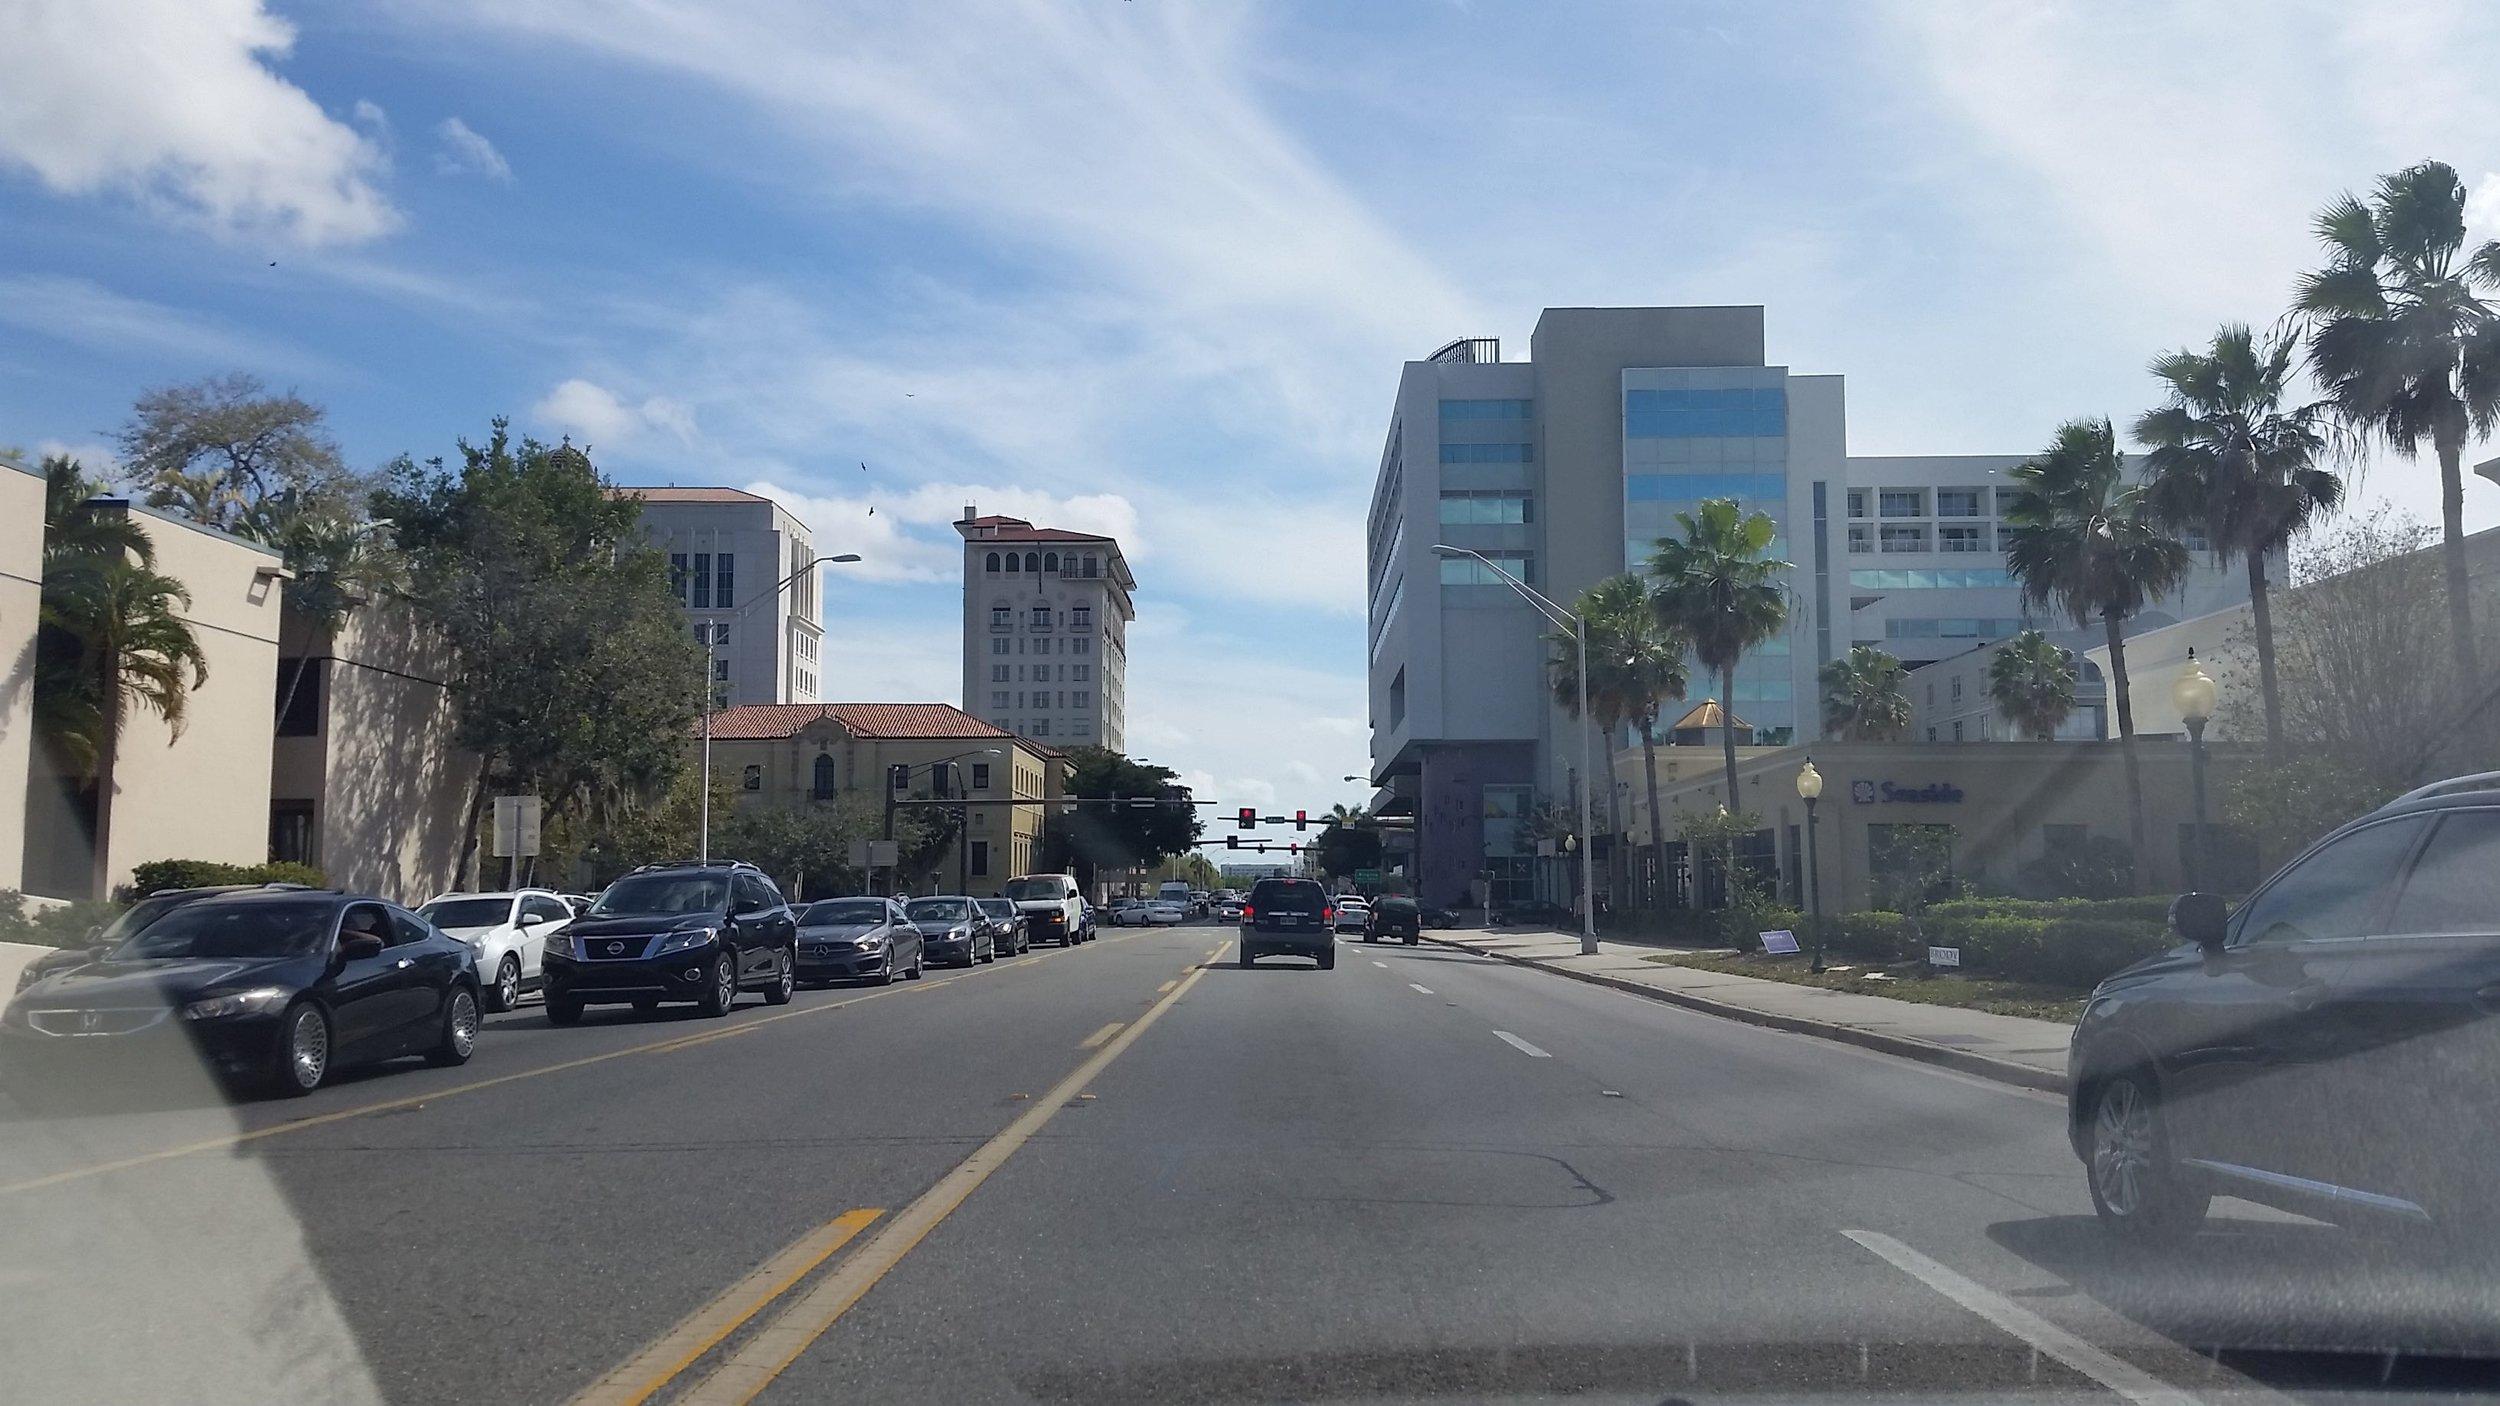 Route C: Washington Boulevard (US Highway 301)